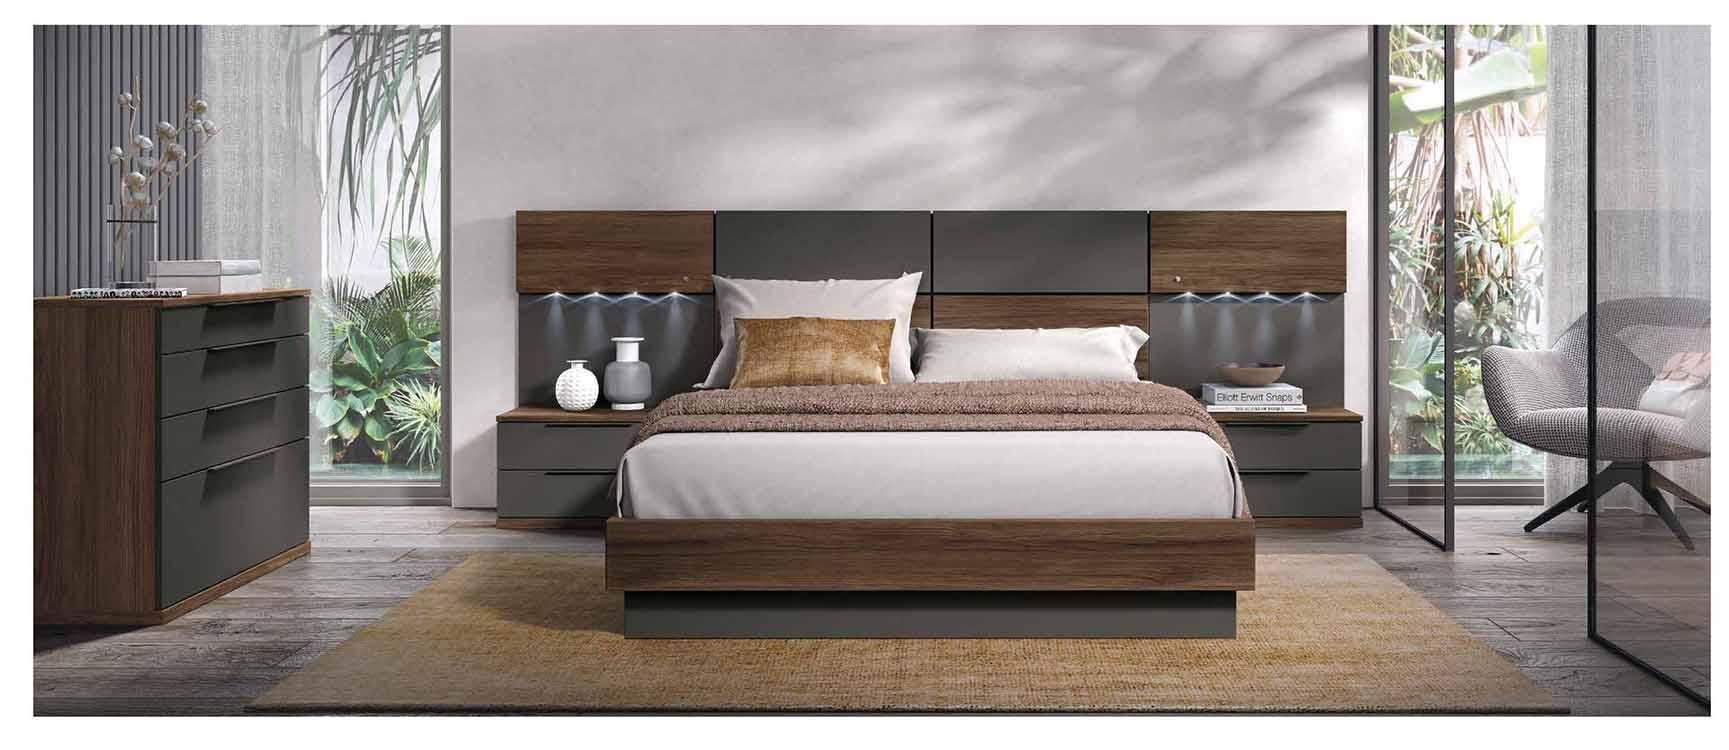 http://www.munozmuebles.net/nueva/catalogo/dormitorios-actuales.html -  Espectaculares muebles de olmo en Toledo